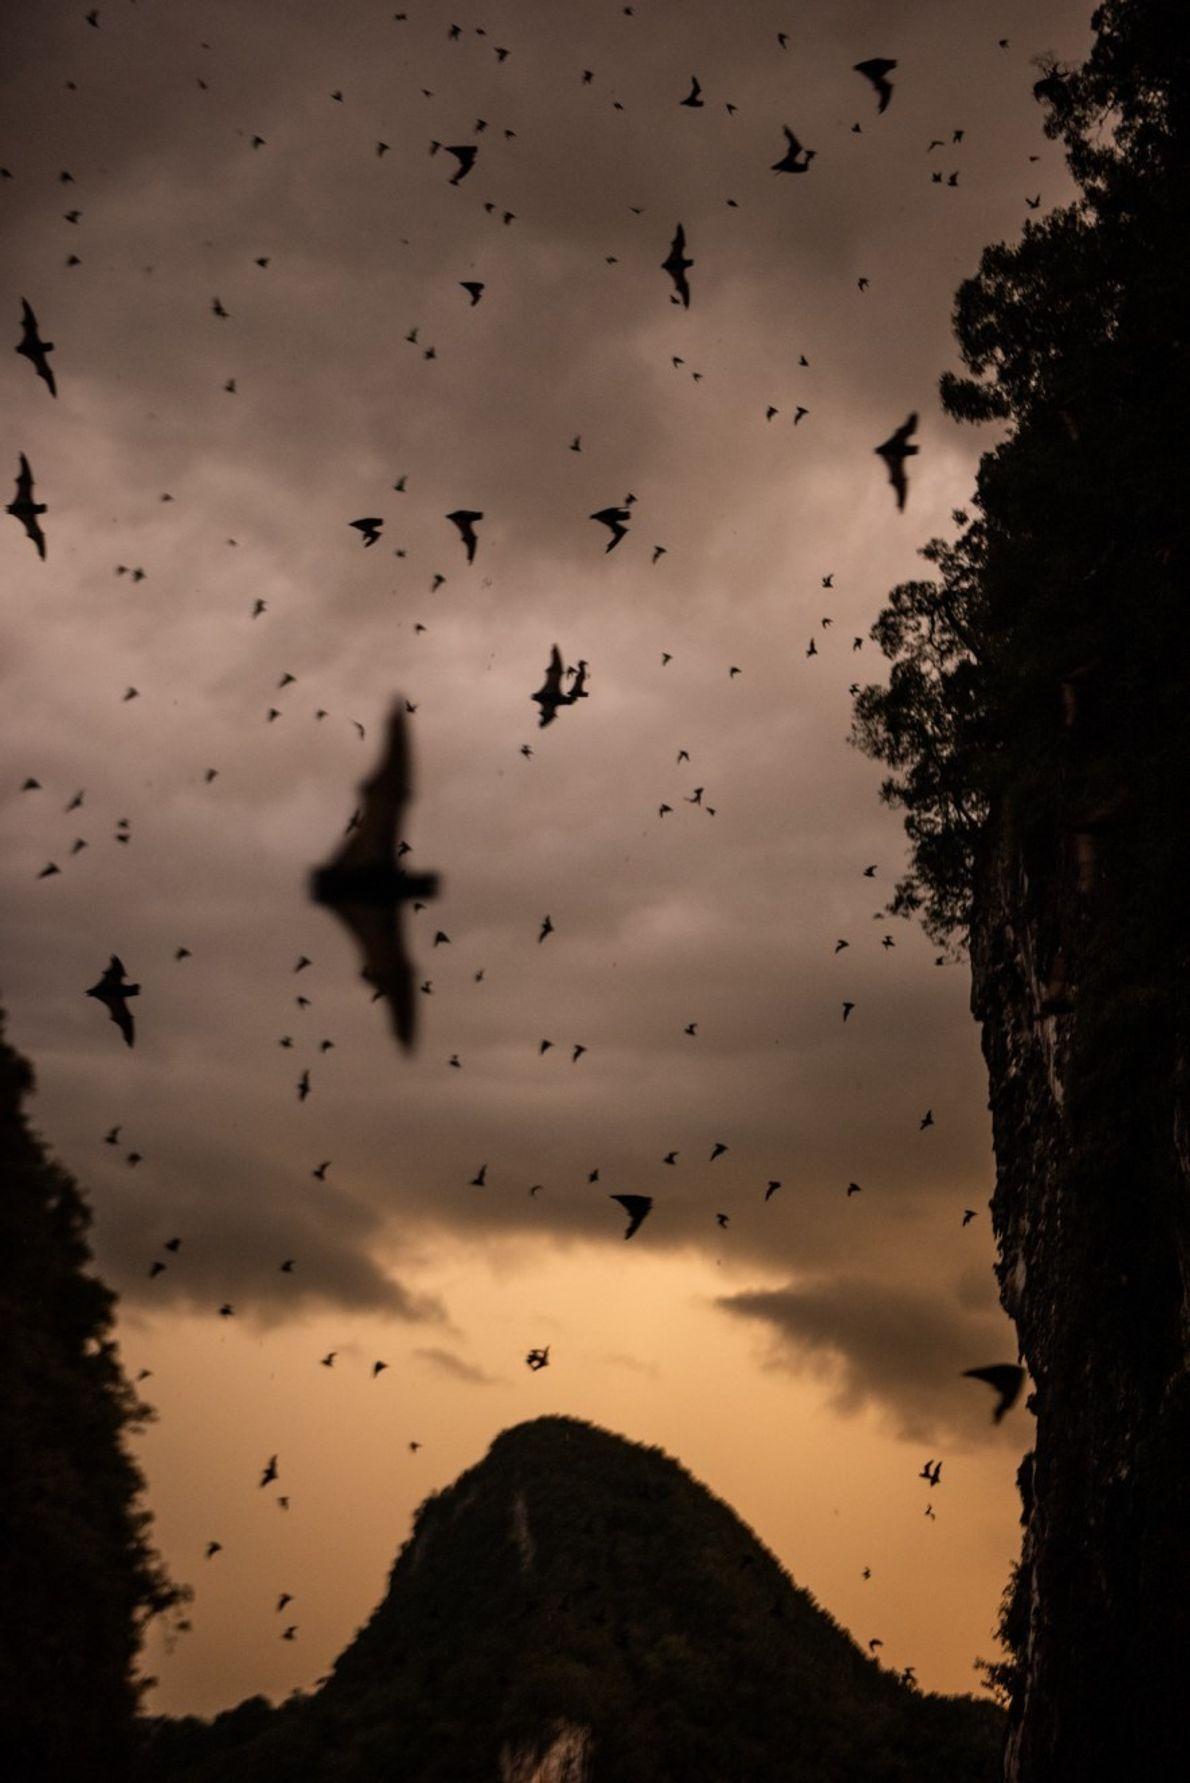 La cueva Deer de Borneo alberga más de dos millones de murciélagos de diversas especies, que ...